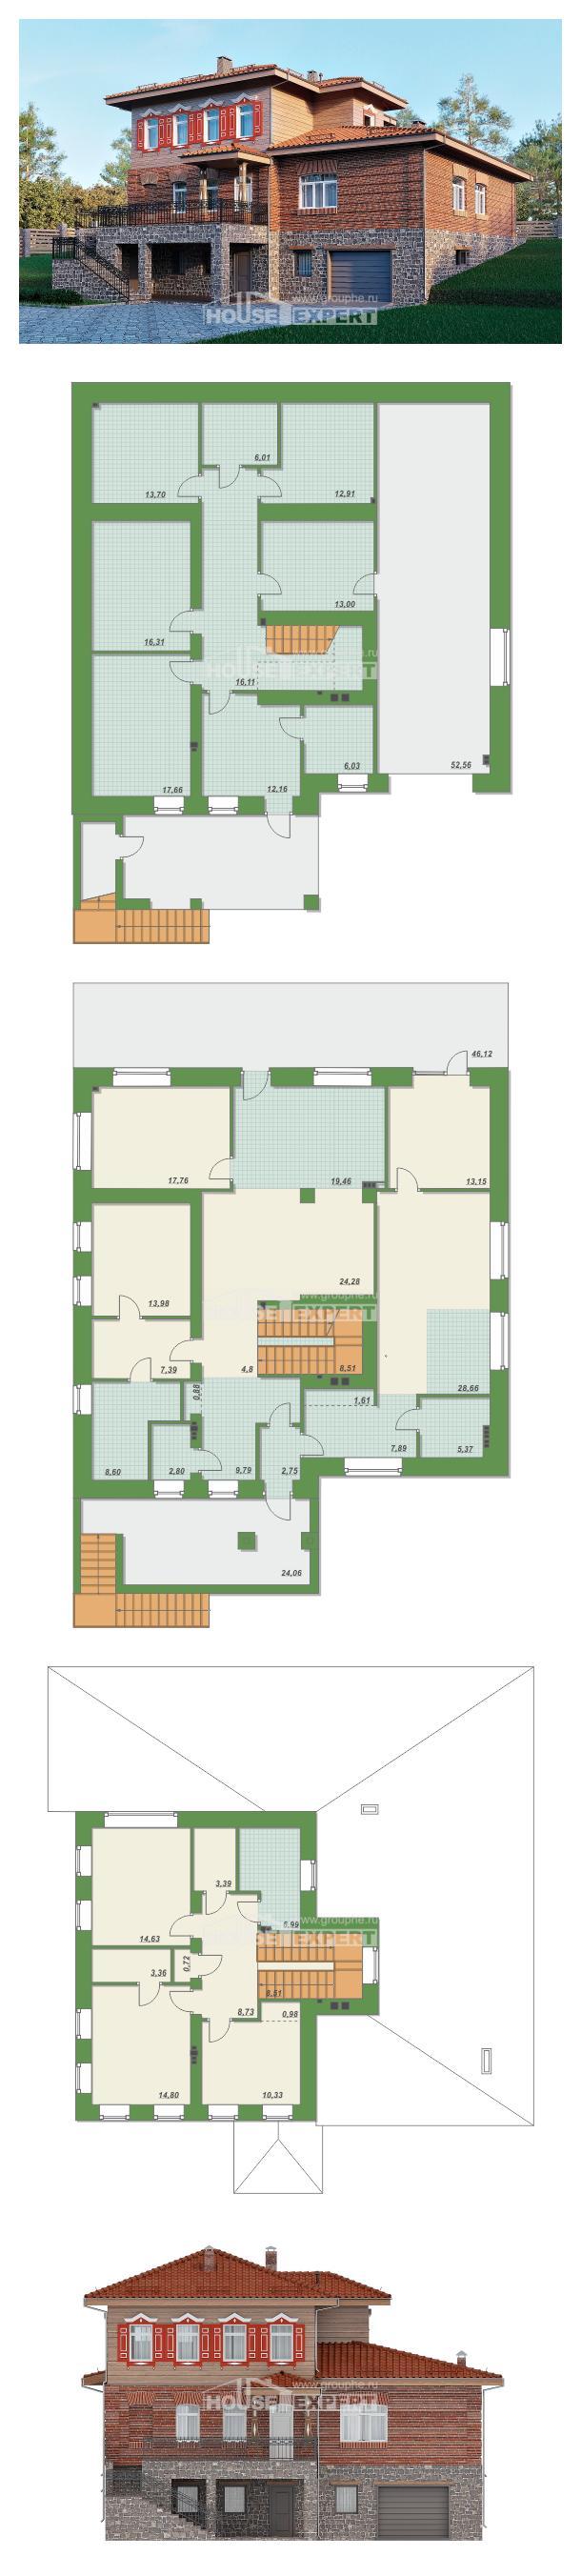 Plan 380-002-L   House Expert